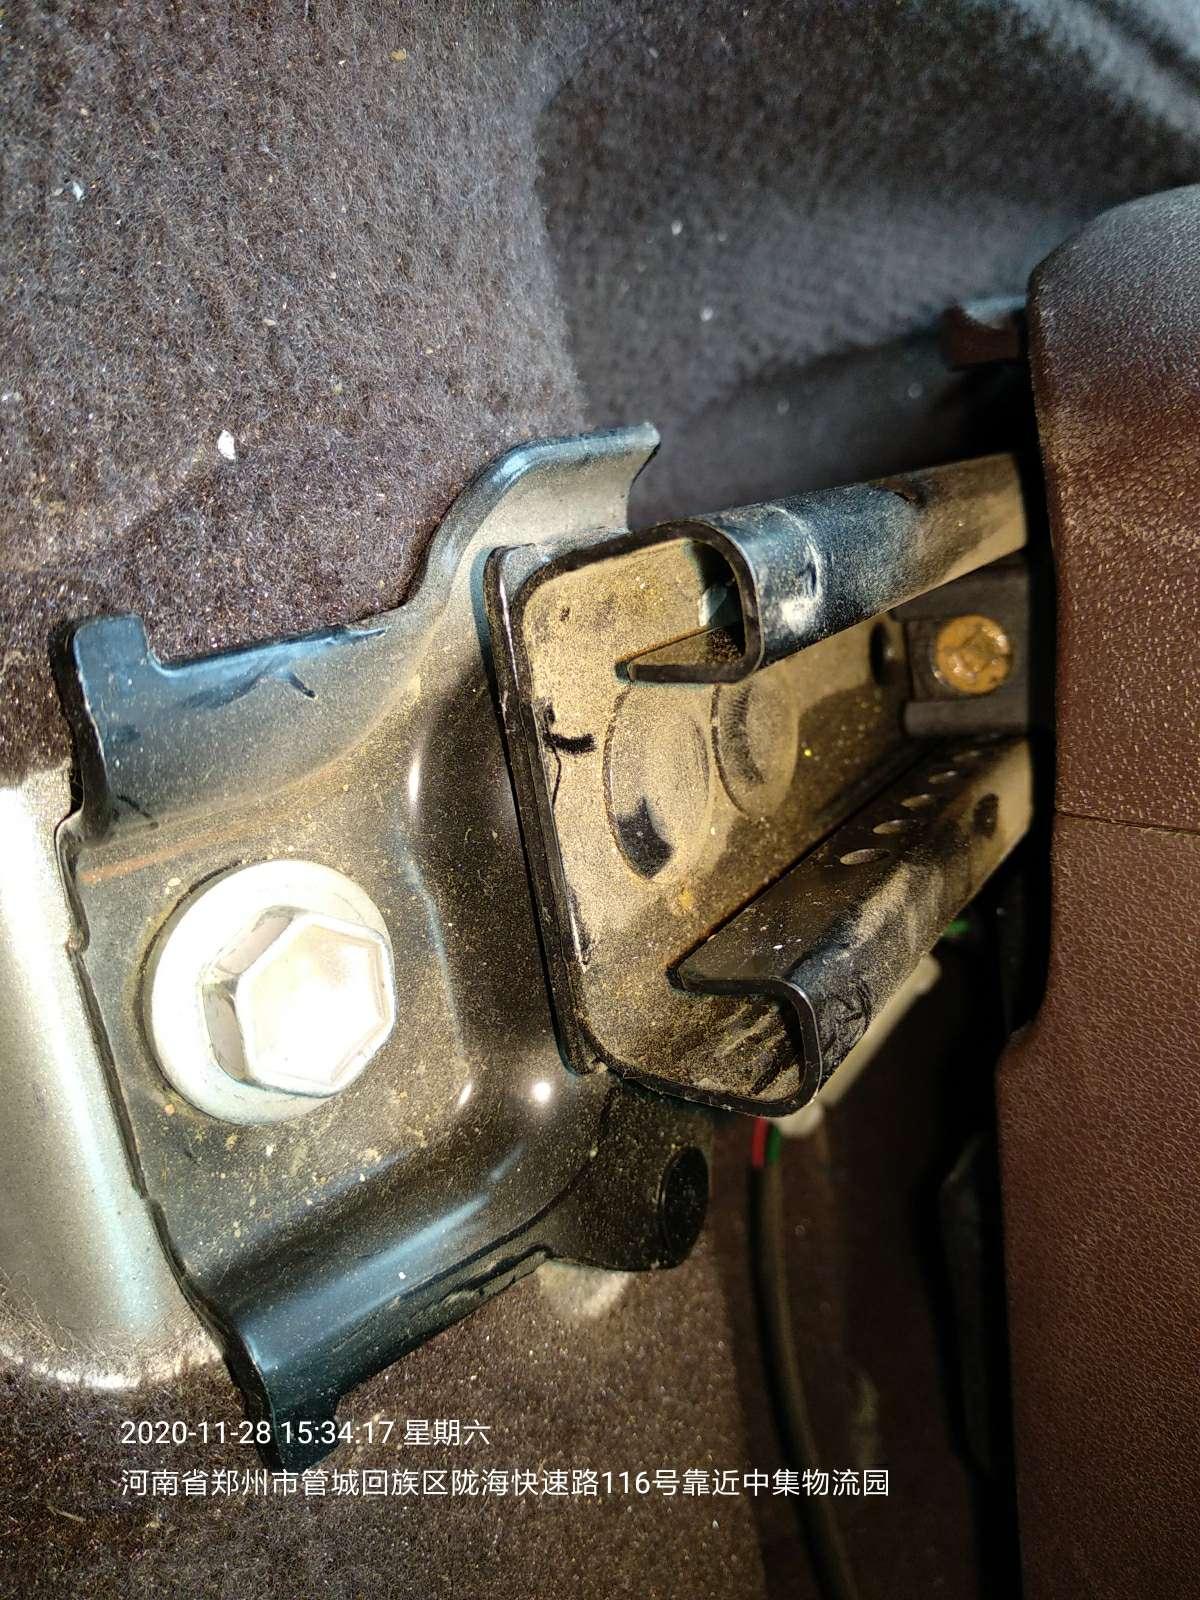 雷克萨斯ES4s店出售二手车后发现是泡水车,存在欺诈行为